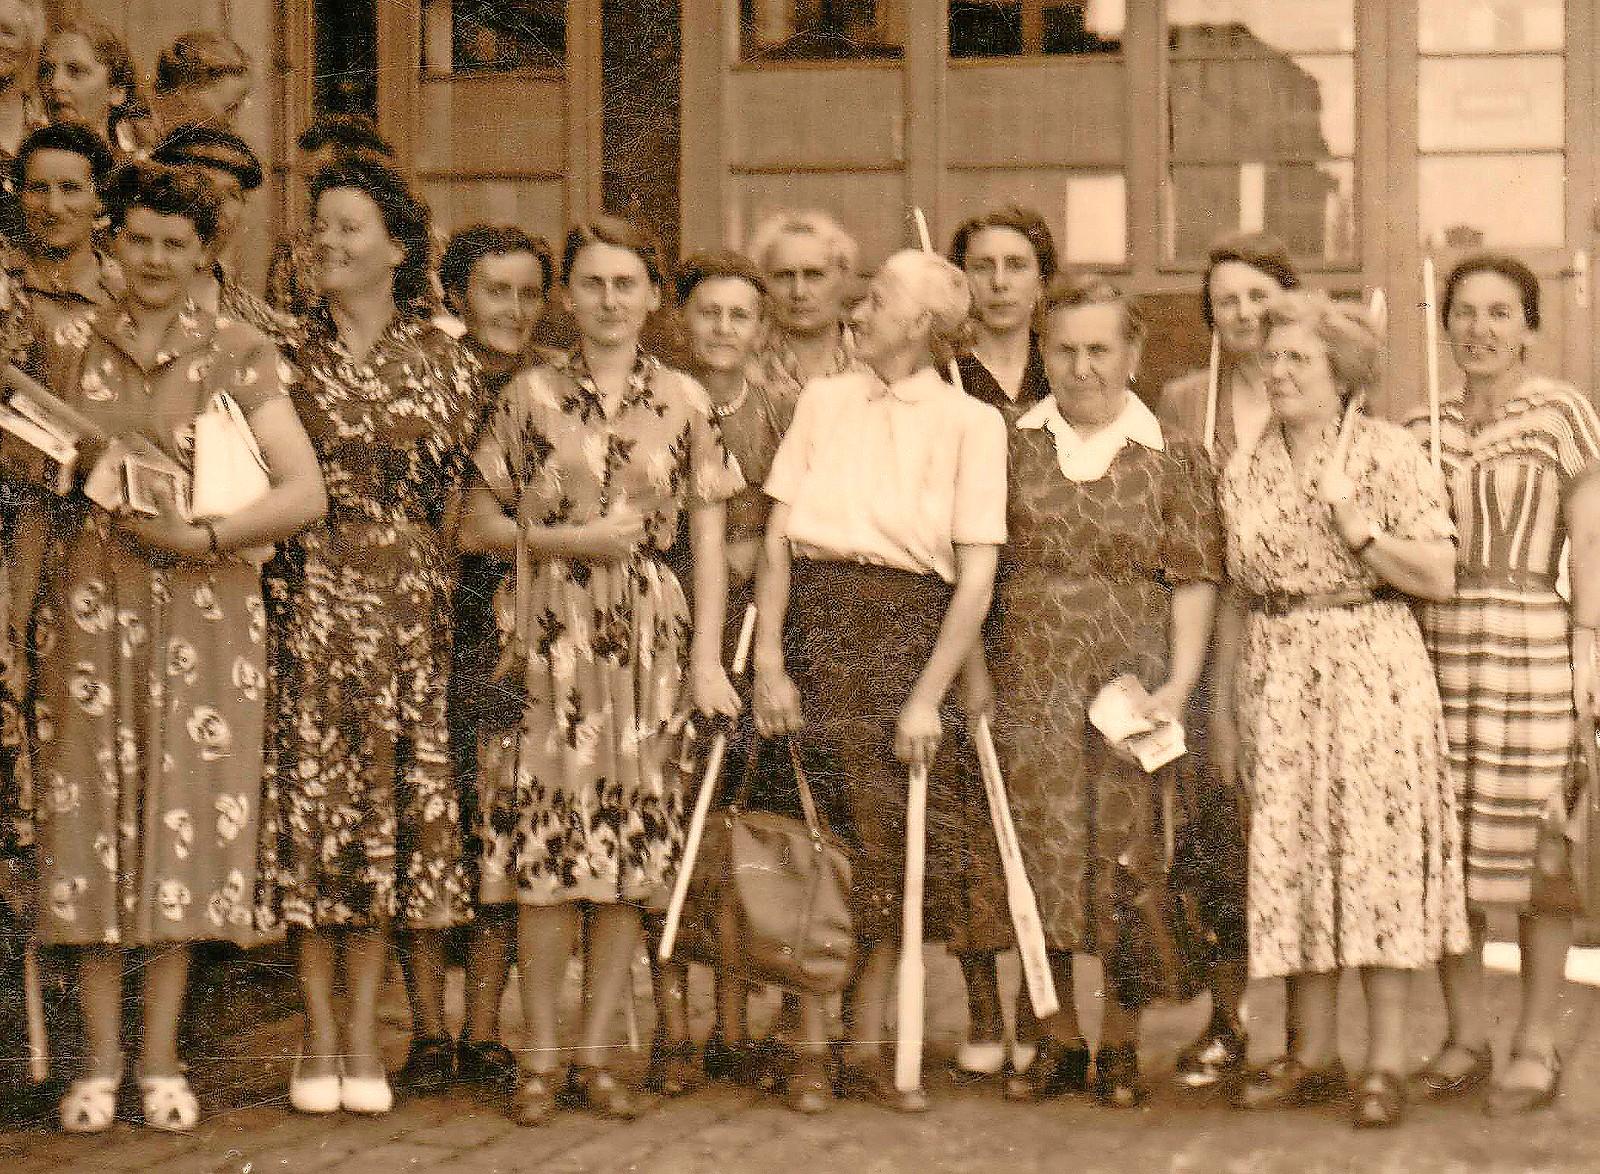 Die Mitglieder des Deutschen Hausfrauenbundes  Pönitz e.V. hatten eine schwere Entscheidung zu treffen – die zur Auflösung des Traditionsvereins.